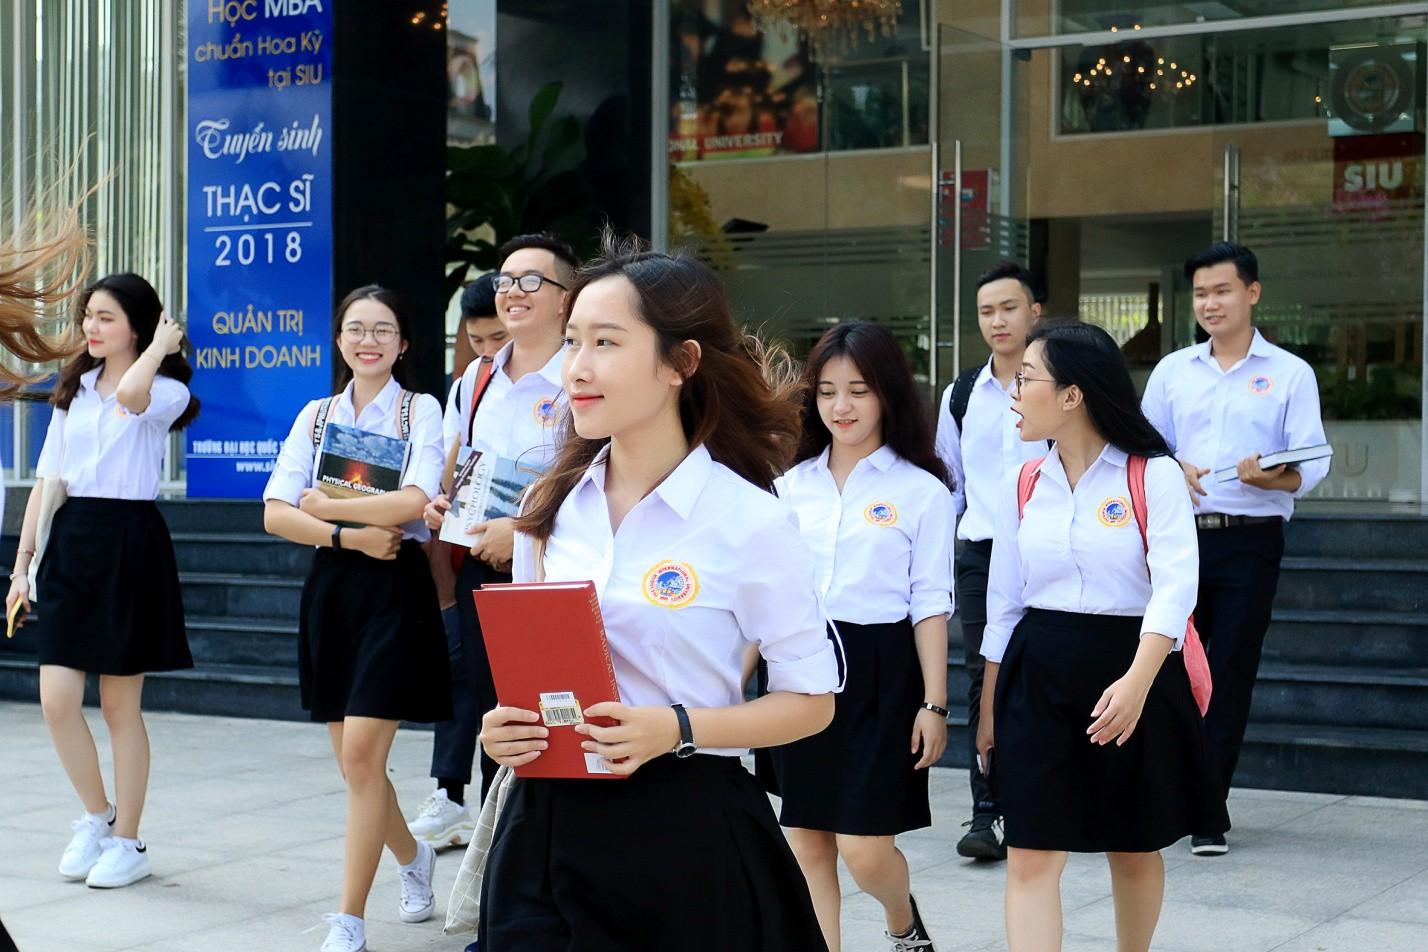 SIU đồng hành cùng HVIET mang trải nghiệm Harvard đến Việt Nam - Ảnh 3.